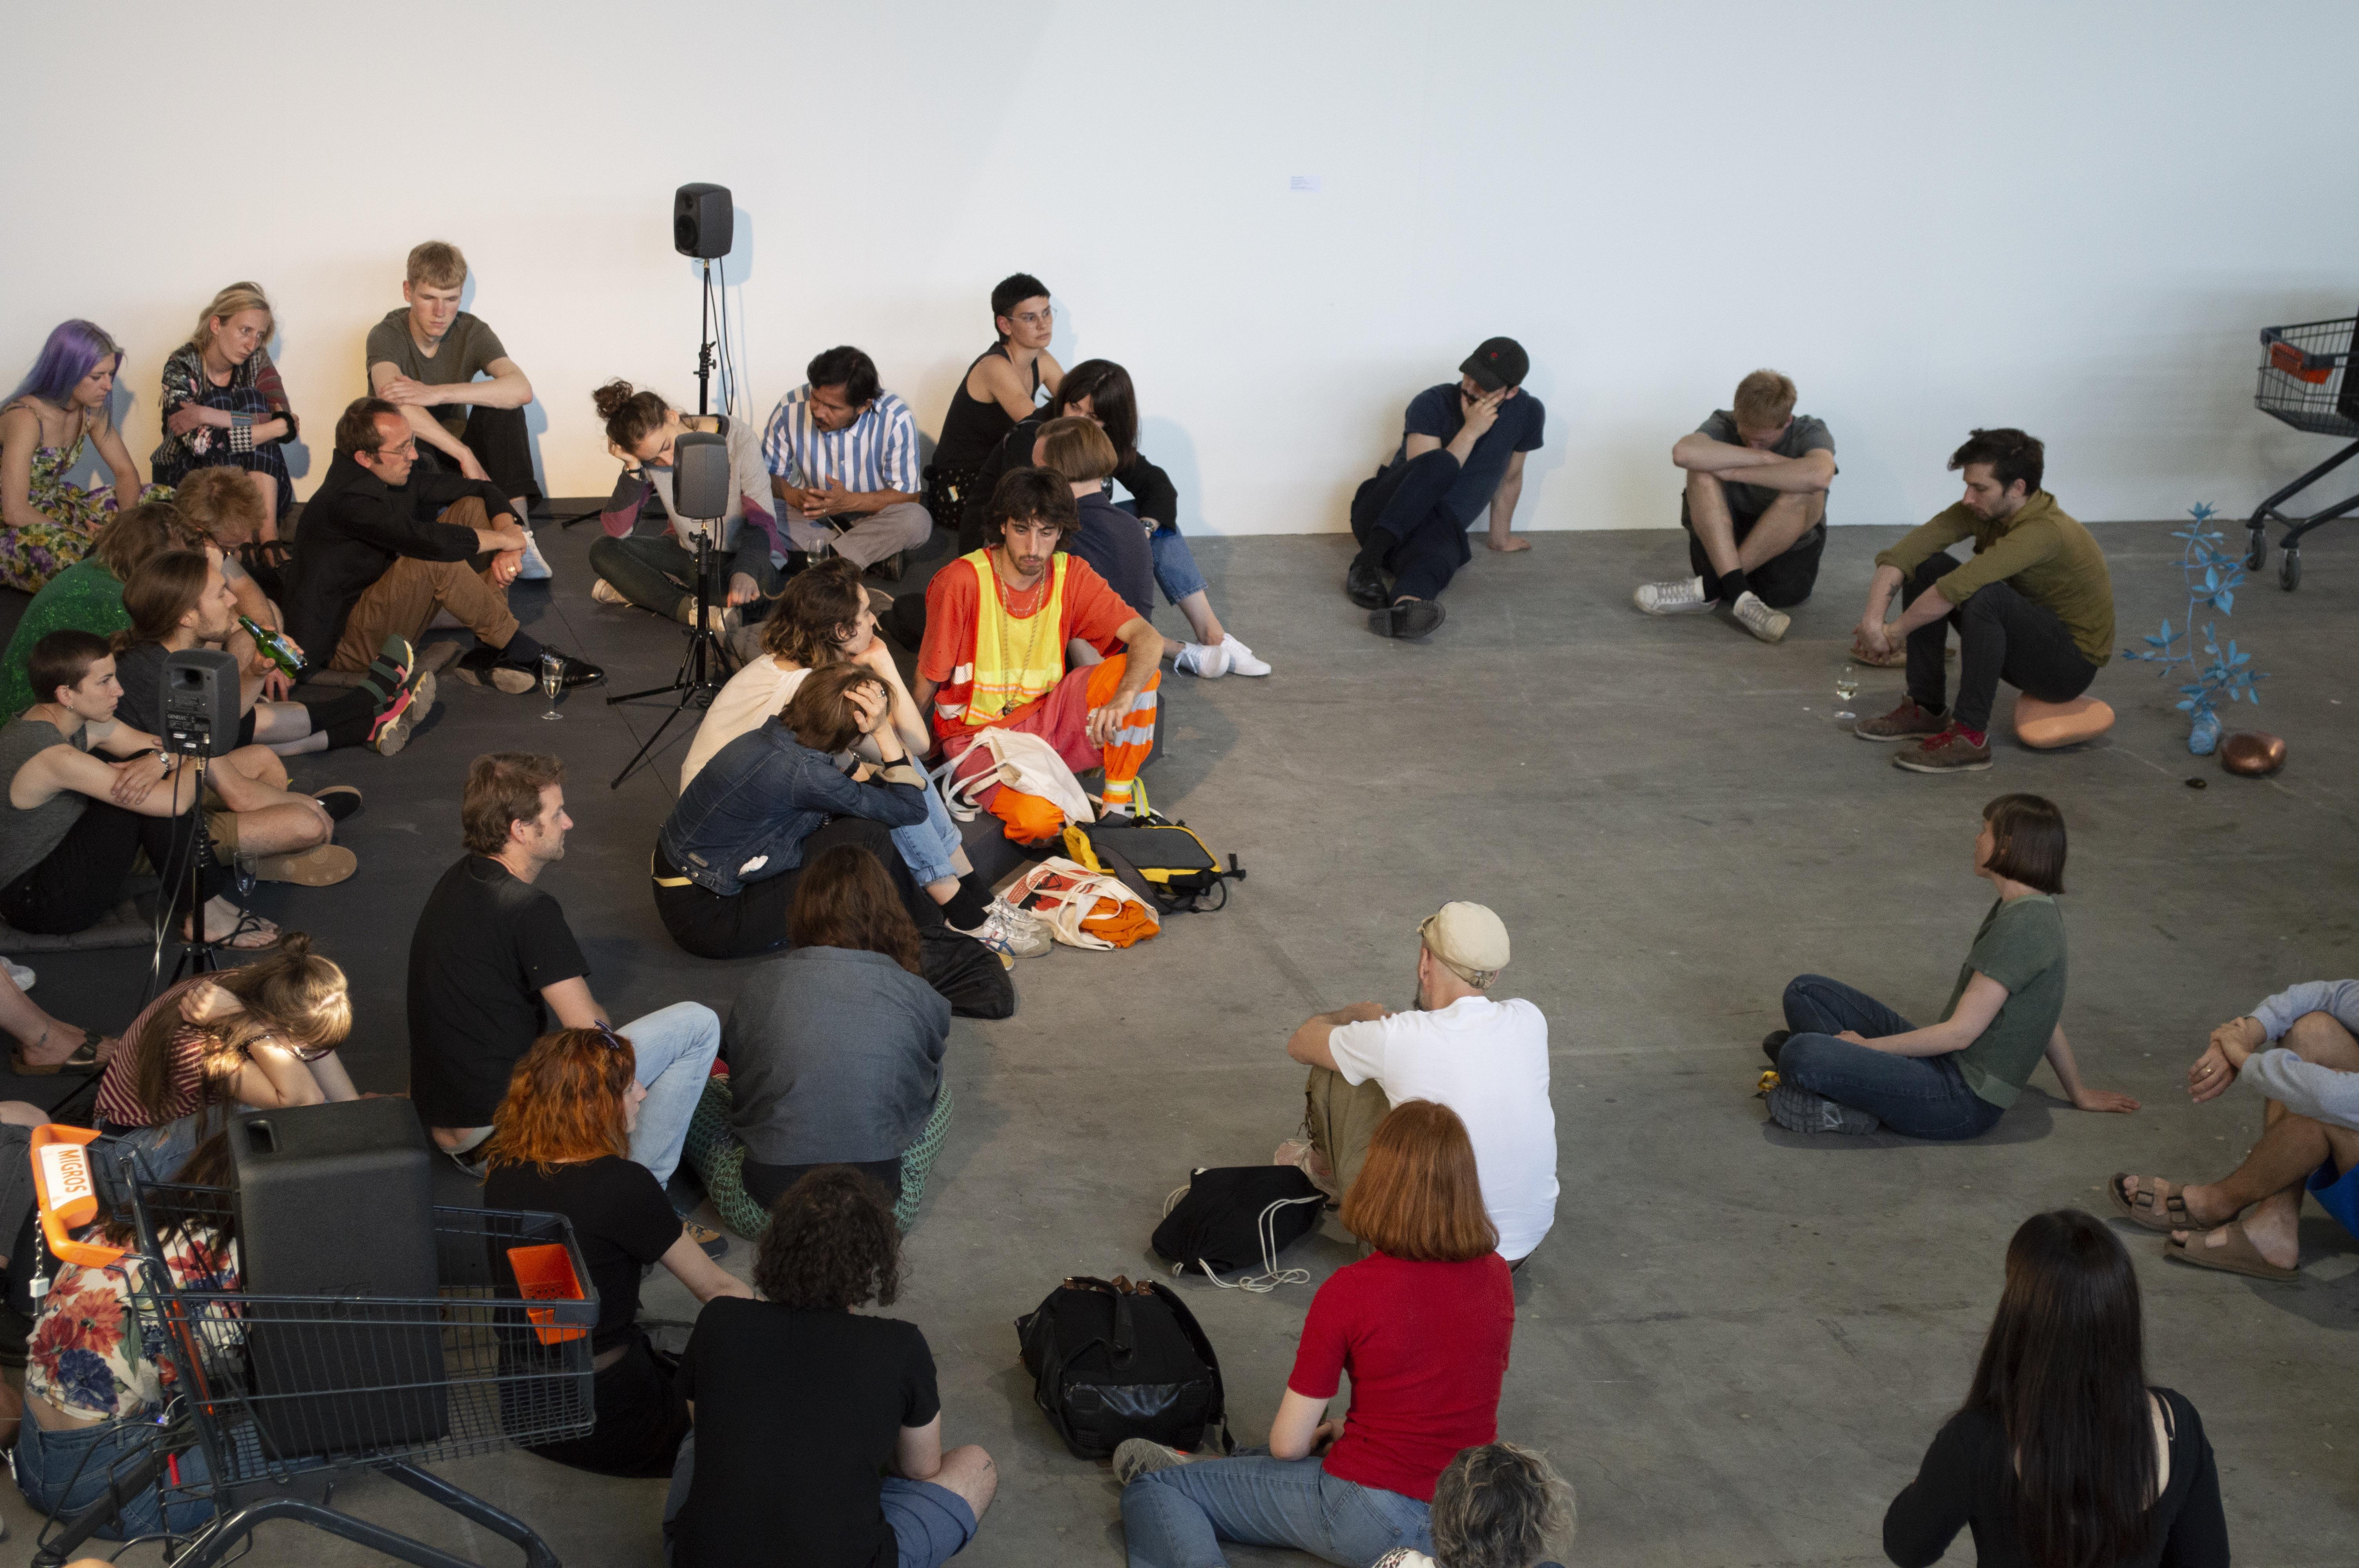 Öffentliche Vorführung, Werkschau Design und Kunst, 2019.